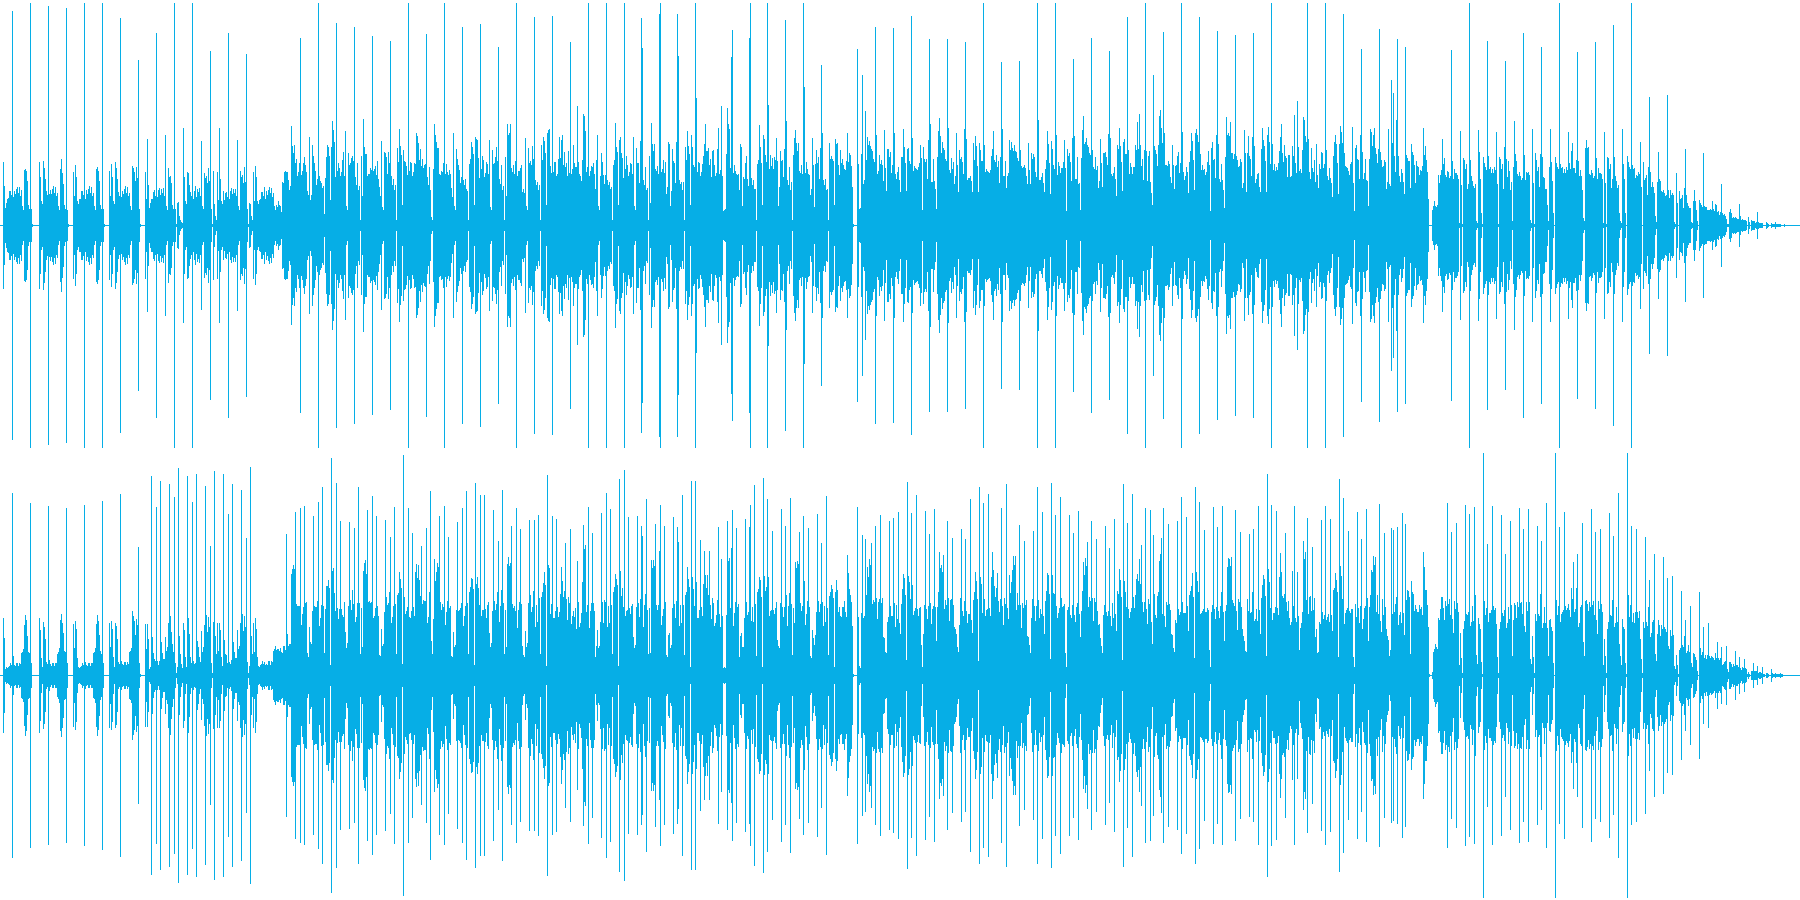 90s的なHIPHOP、ブレイクビーツの再生済みの波形